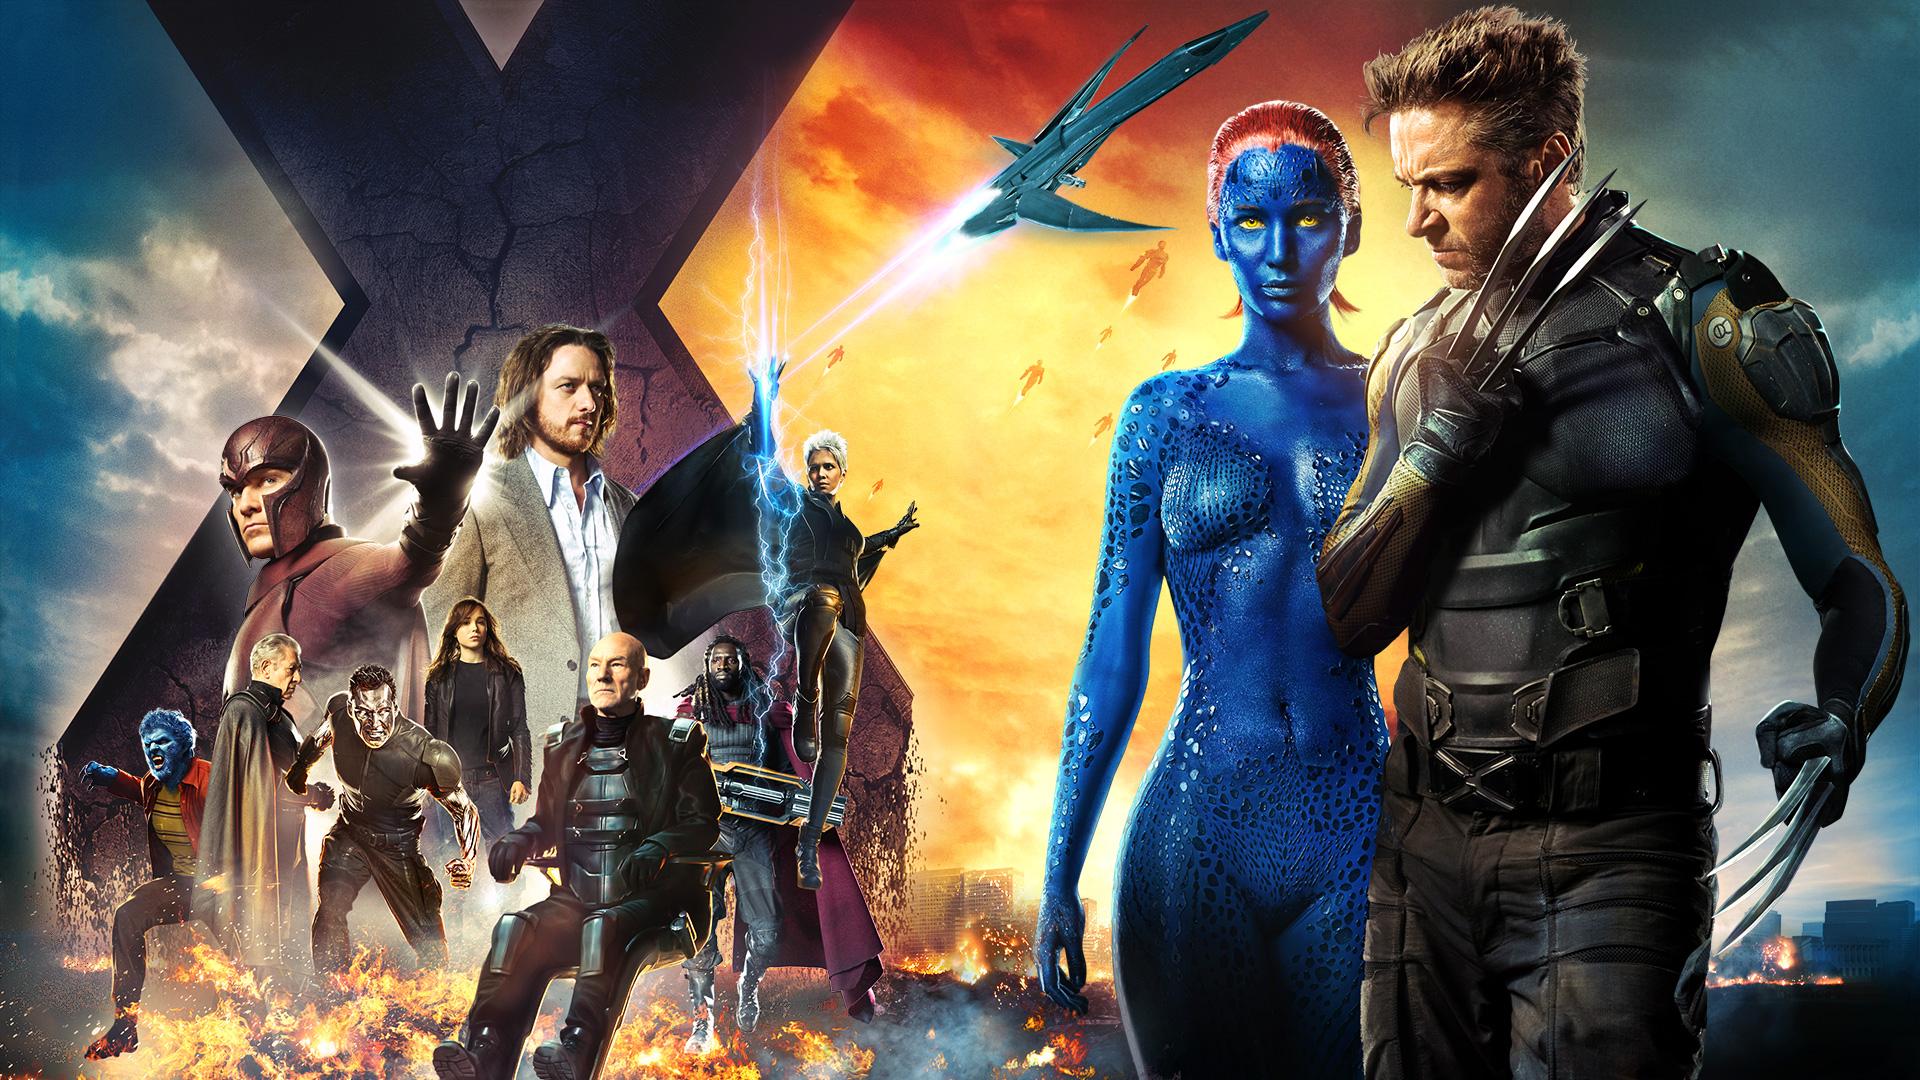 Watch X-Men: Days of Future Past Movie Free Online - Chillax